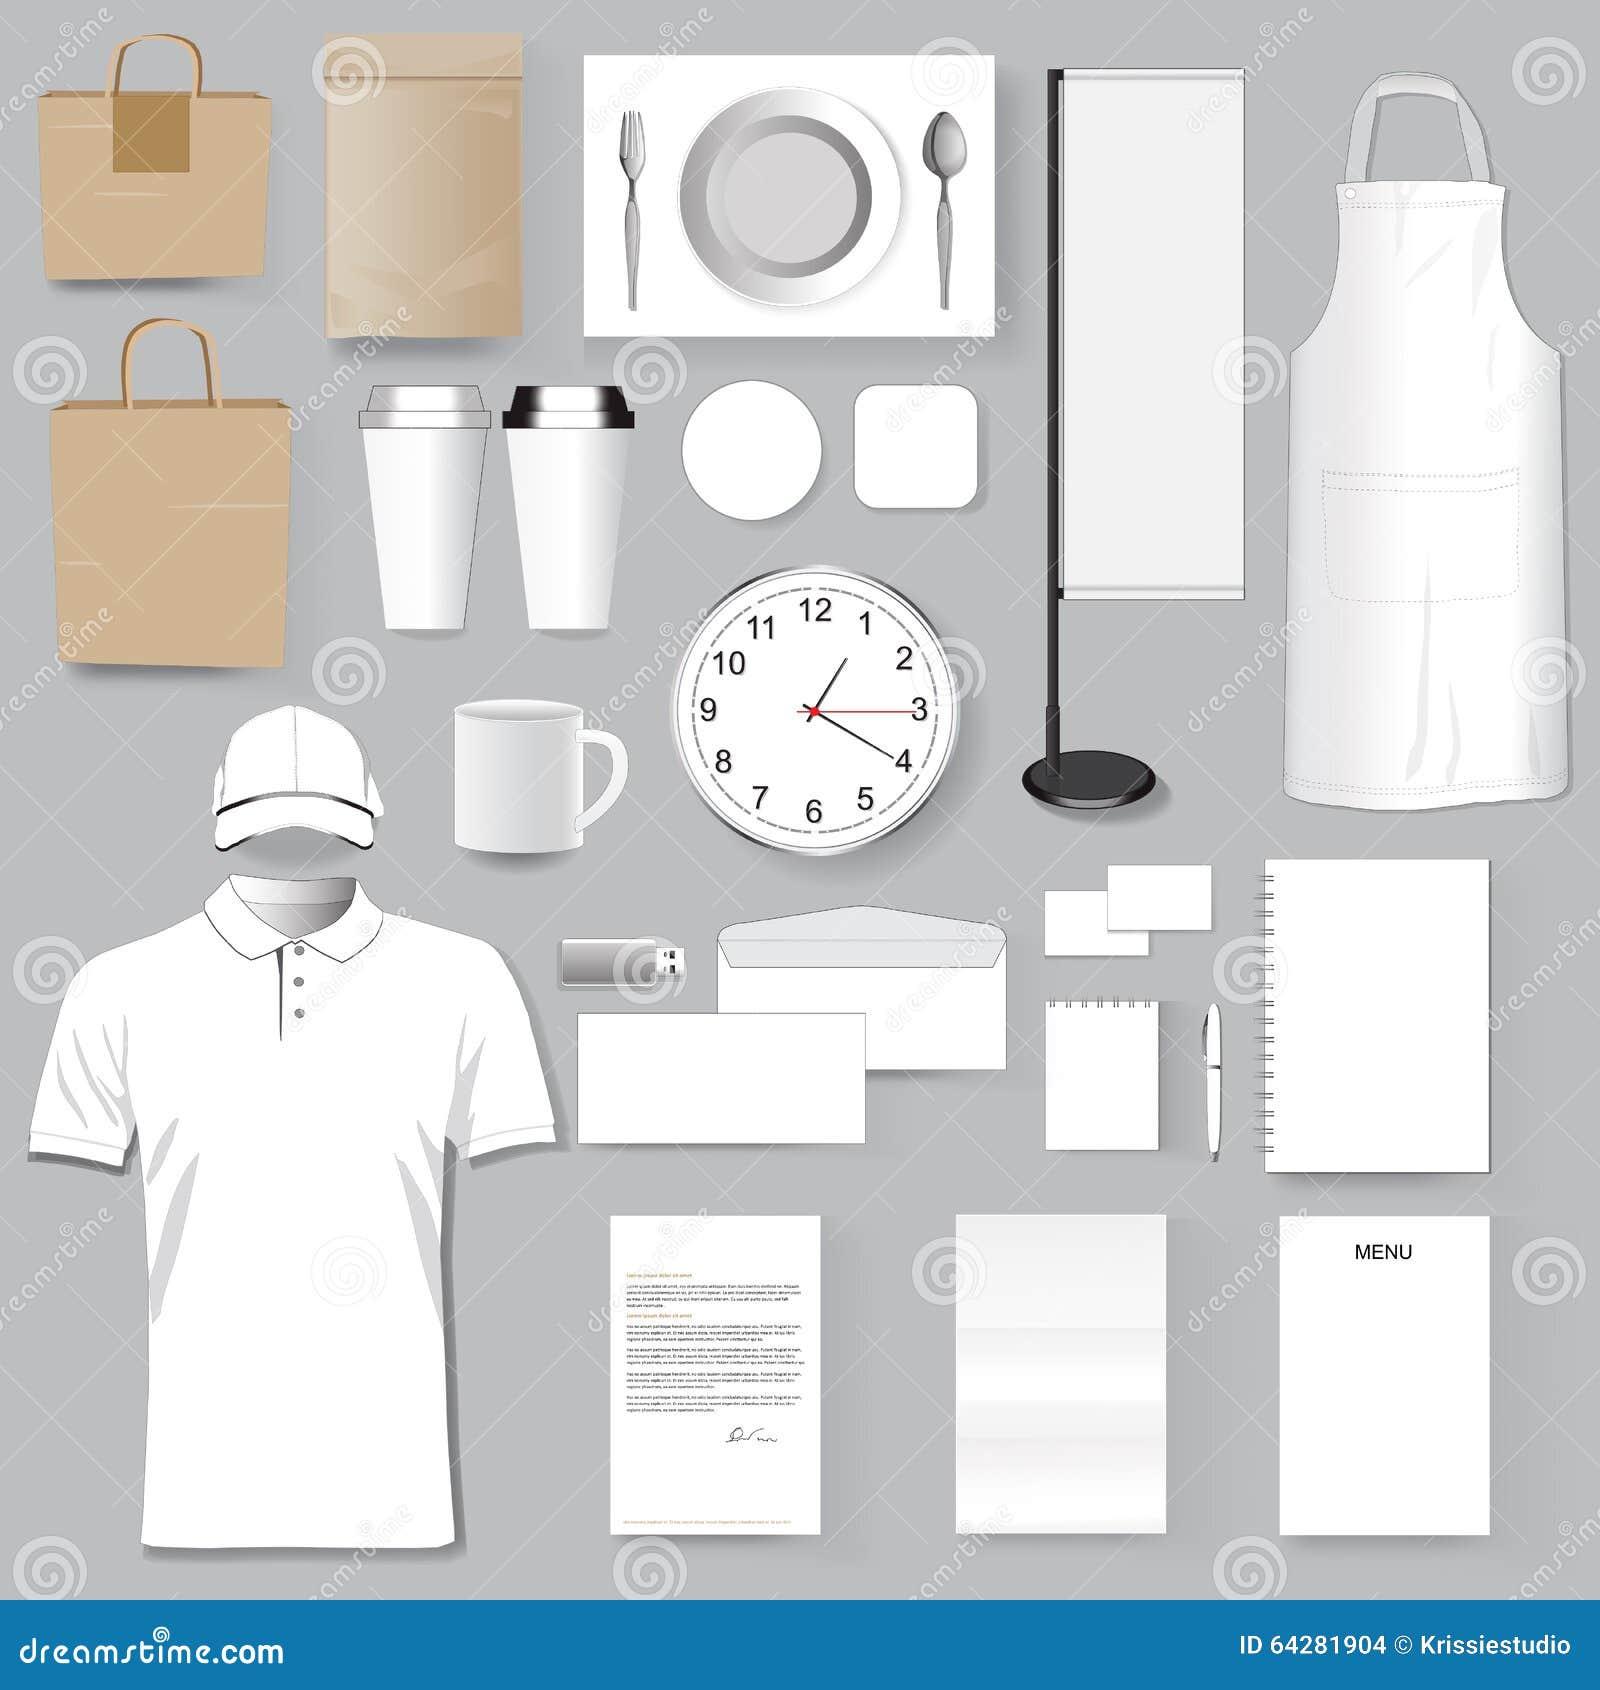 restaurant corporate branding identity template design set Shirt Template polo shirt vector 3d